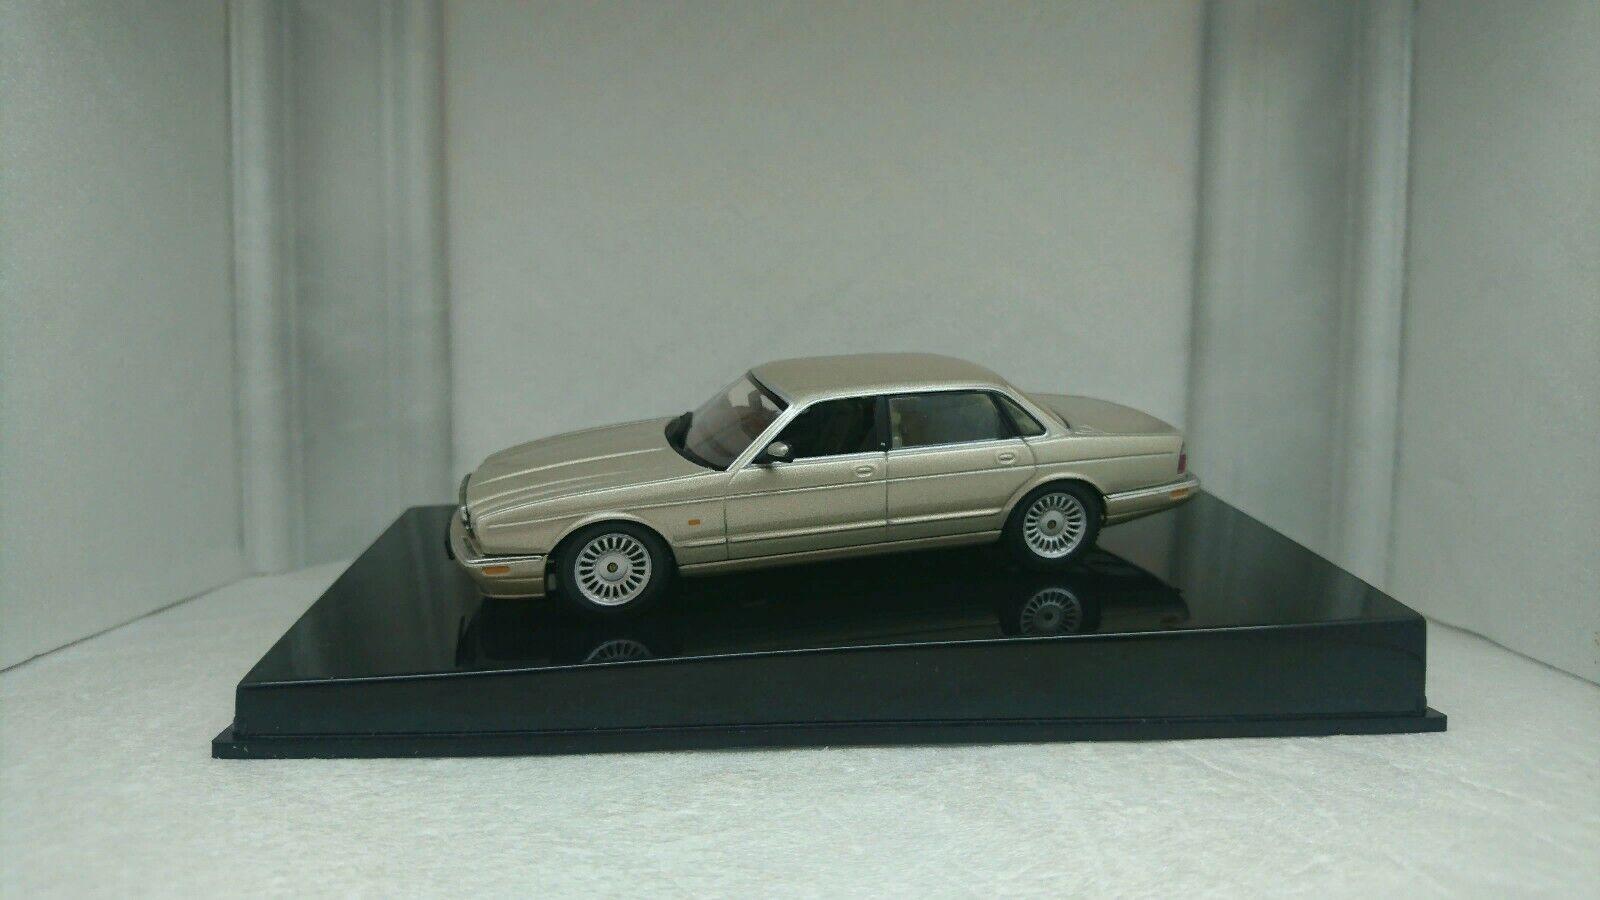 Sällsynt Autokonst 1 43 Jaguar XJR X308 1998 guldmetall